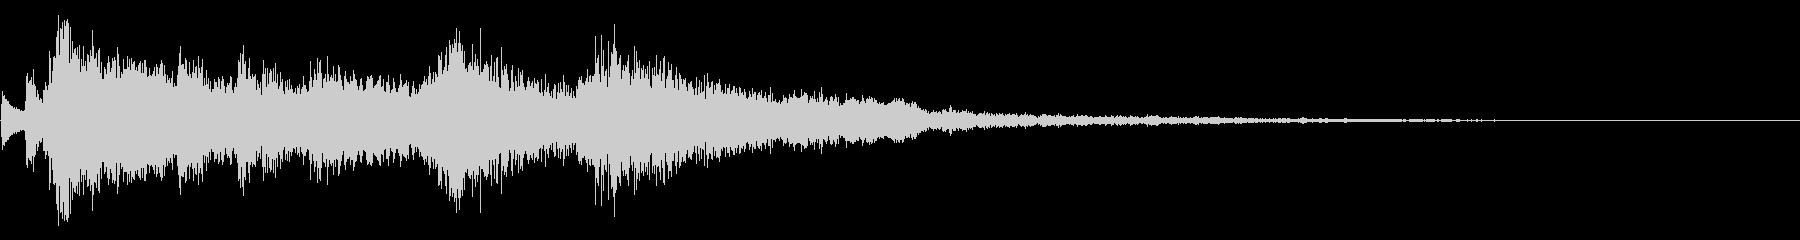 オーケストラのハロウィンジングルの未再生の波形